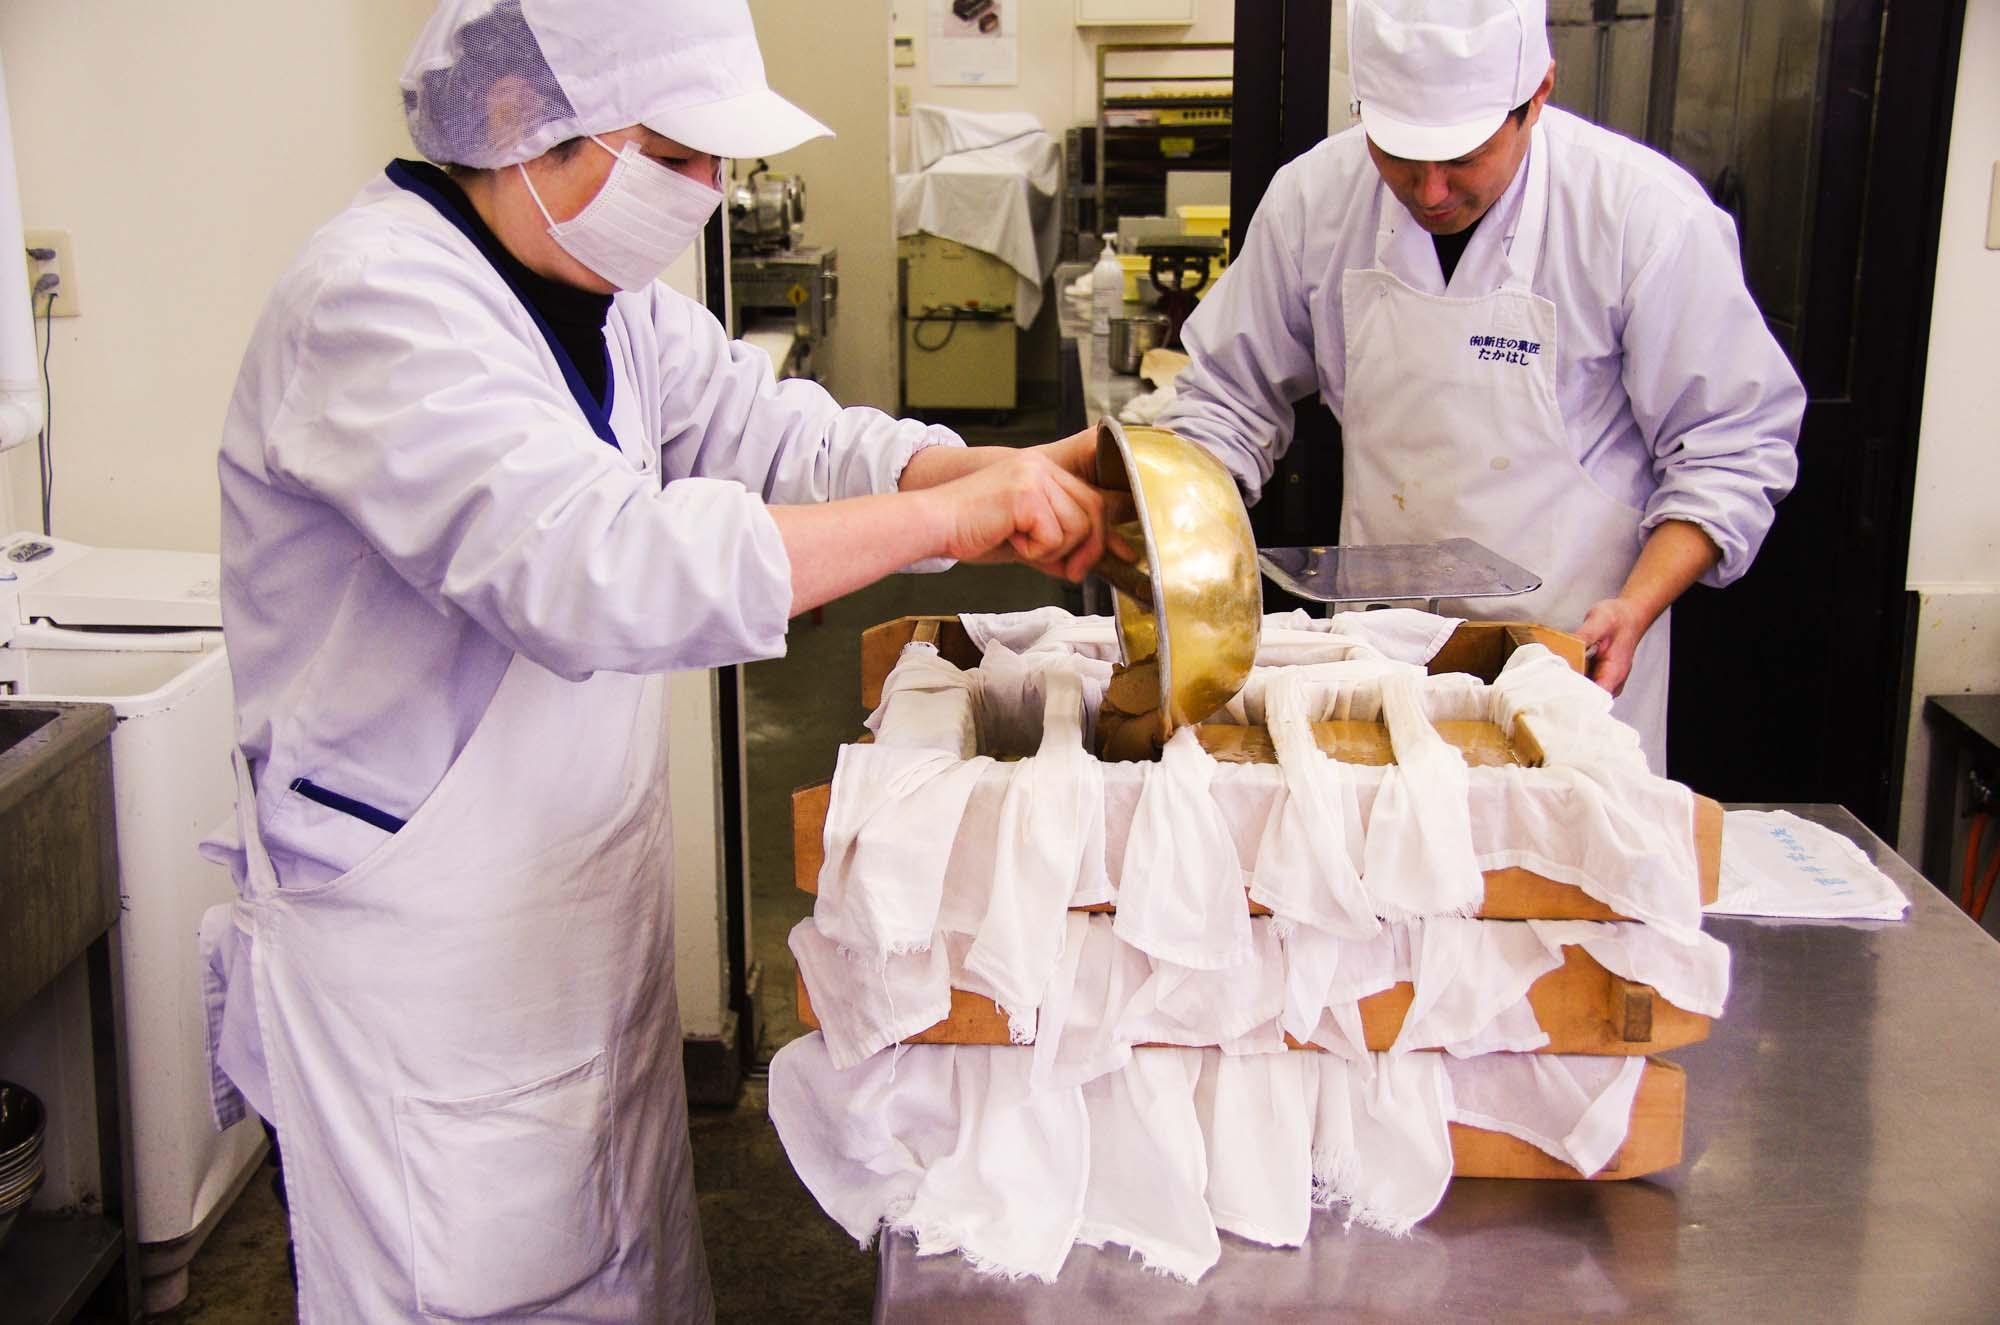 山形県アンテナショップおいしい山形 つくり手を訪ねて 有限会社新庄の菓匠たかはし:                 餅米とうるち米に黒砂糖や味噌、醤油などを加えた生地を木製の型に流し込んでいきます。